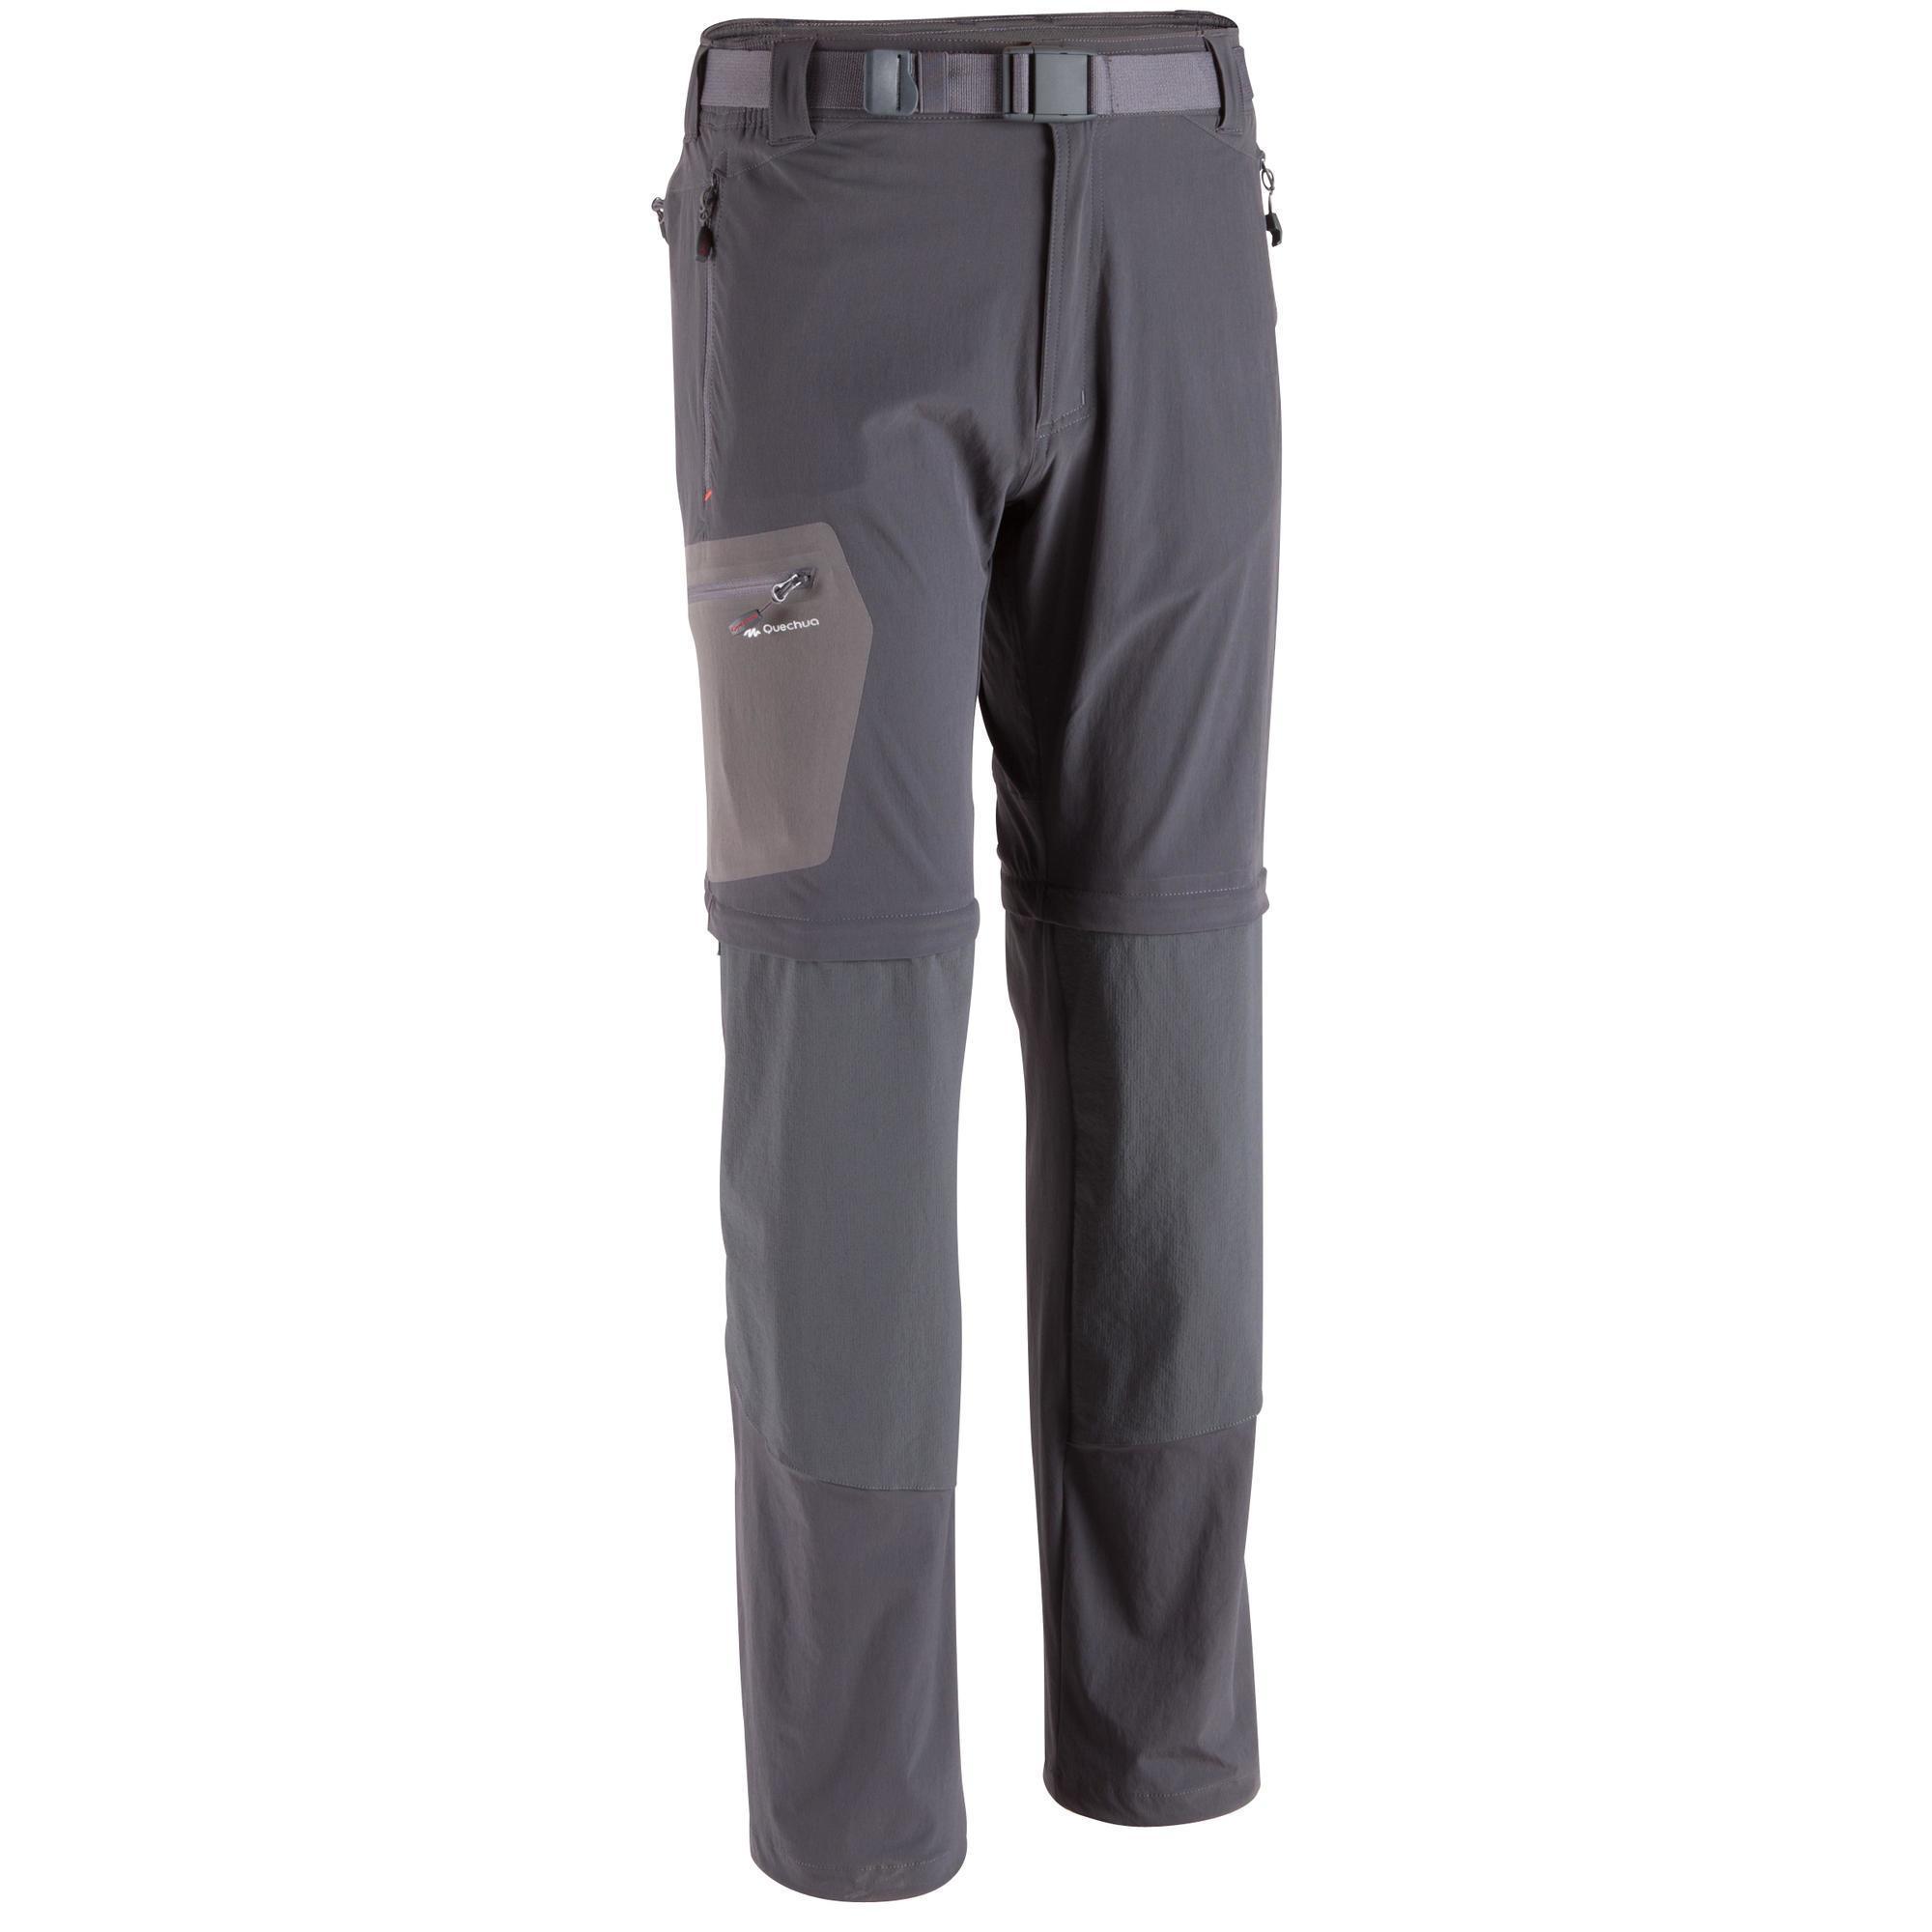 pantalon modulable randonn e forclaz 500 homme gris fonc quechua. Black Bedroom Furniture Sets. Home Design Ideas